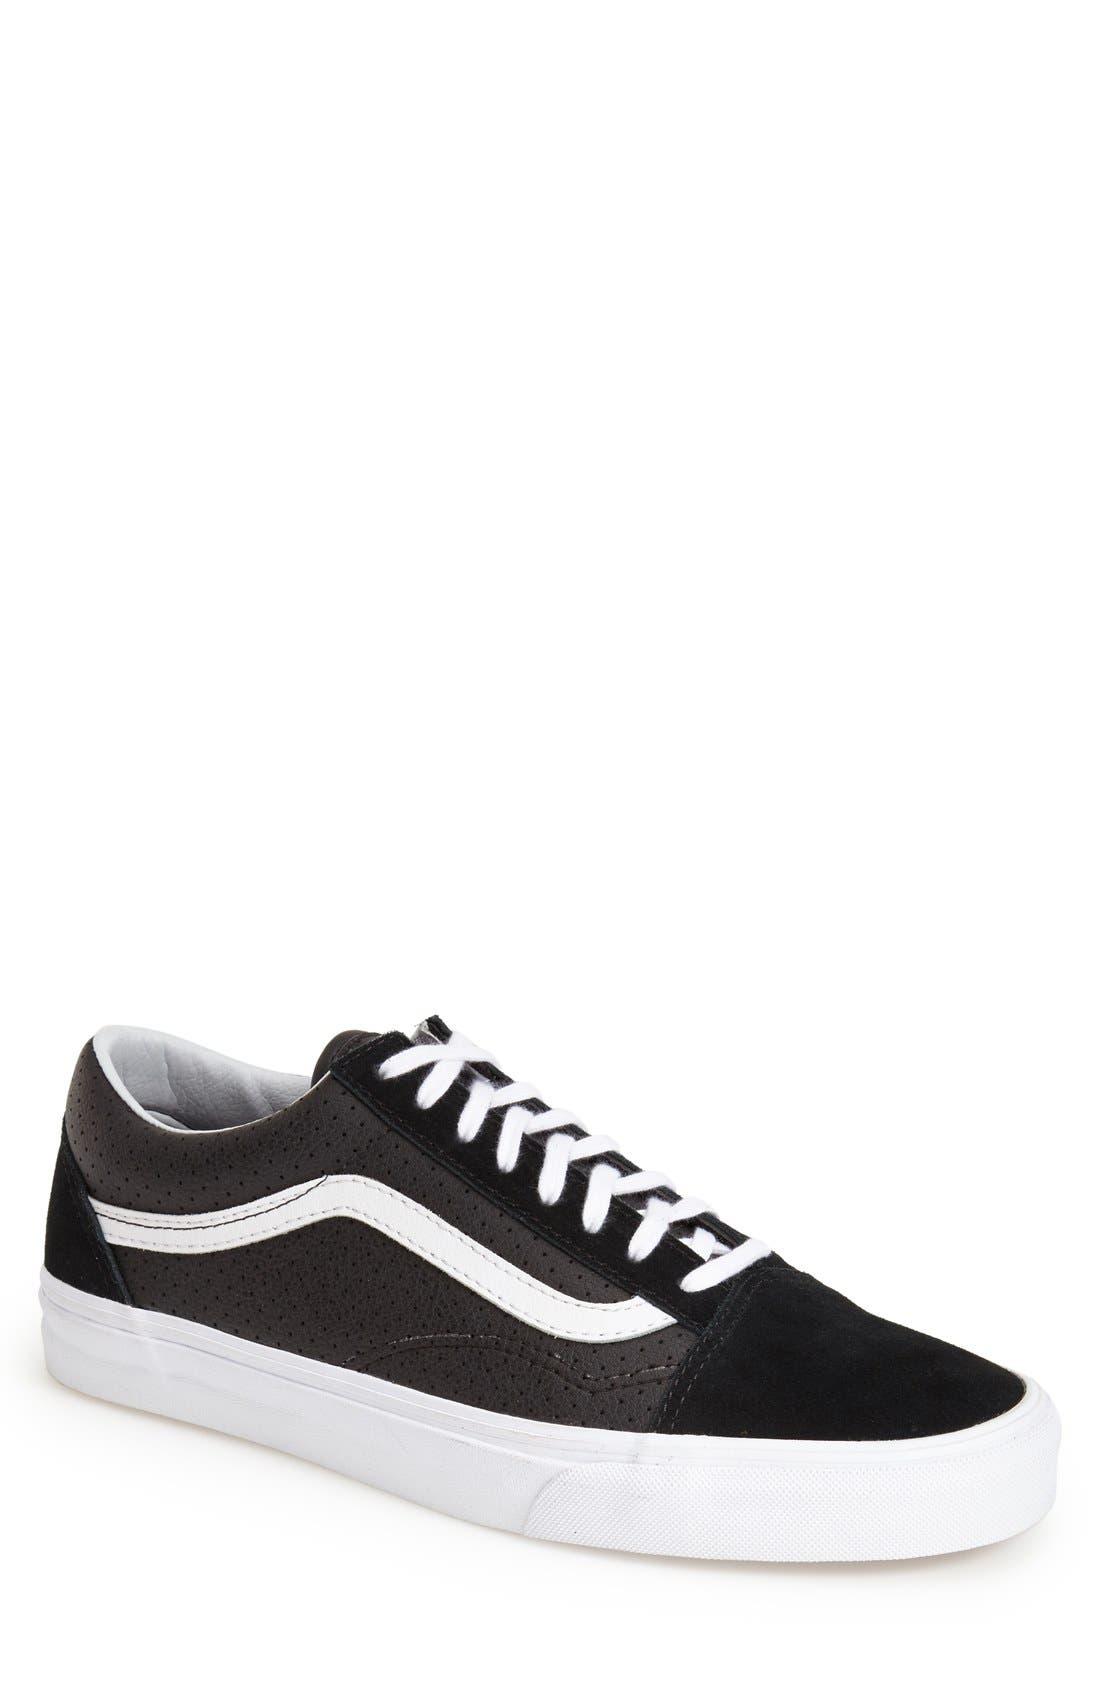 'Old Skool' Sneaker,                         Main,                         color,